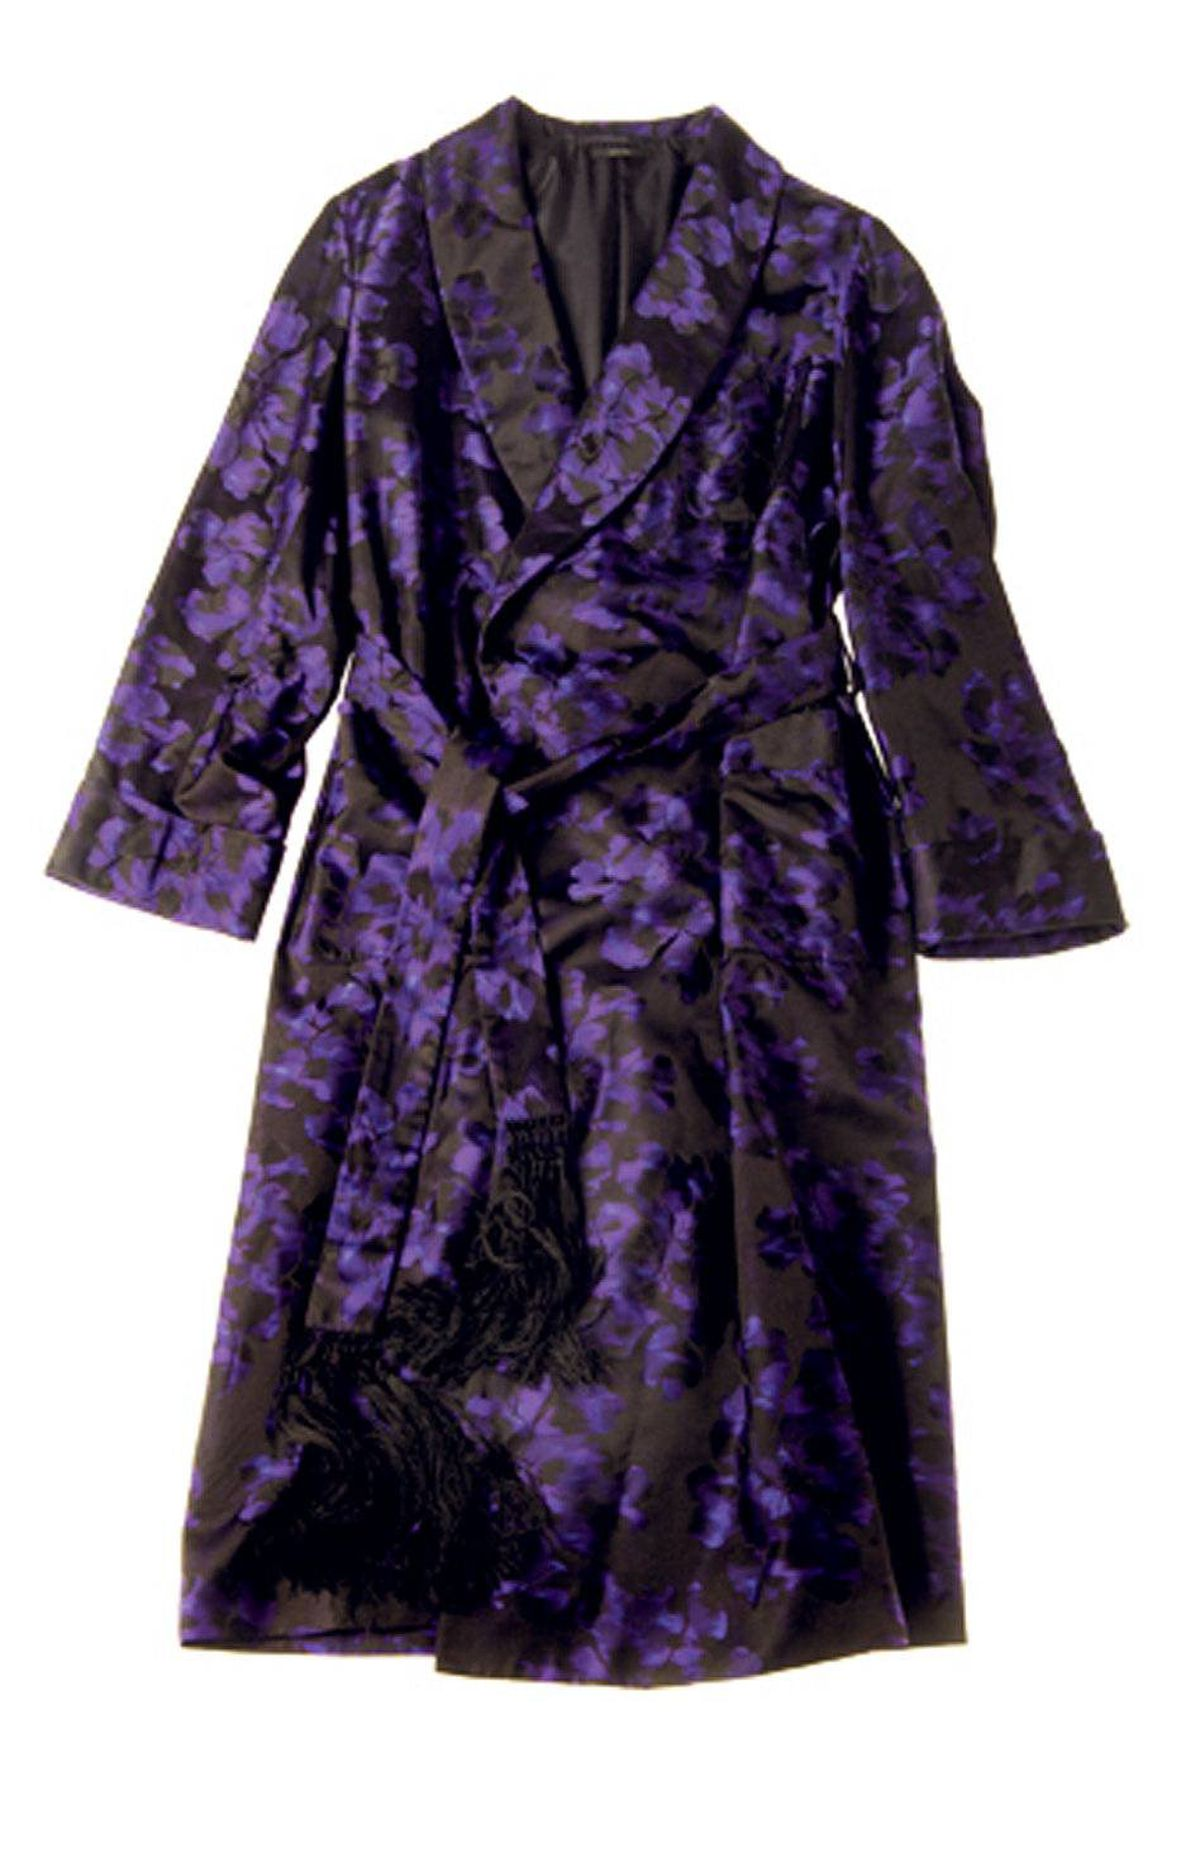 Silk Tom Ford men's robe, $7,995 at Harry Rosen (www.harryrosen.com).